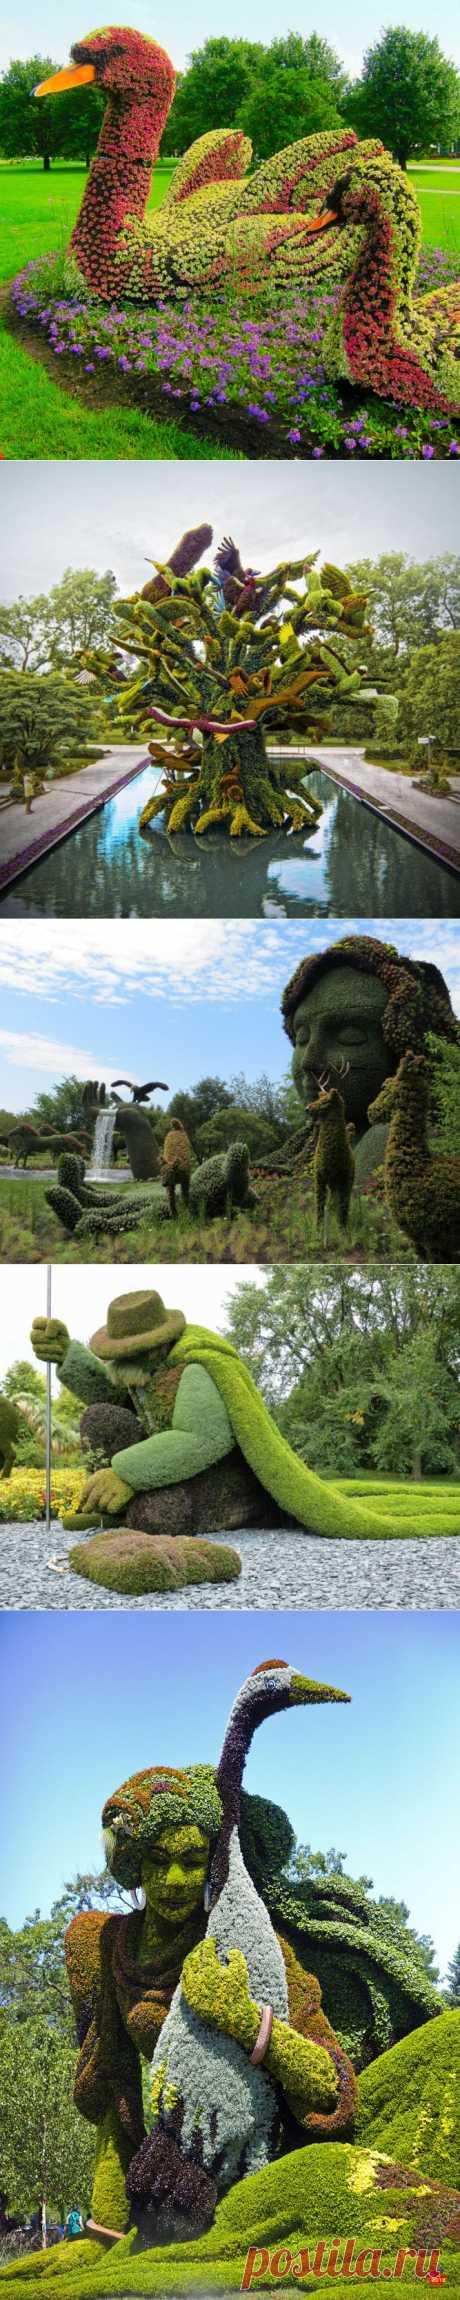 Монументальные скульптуры из растений   Самоцветик